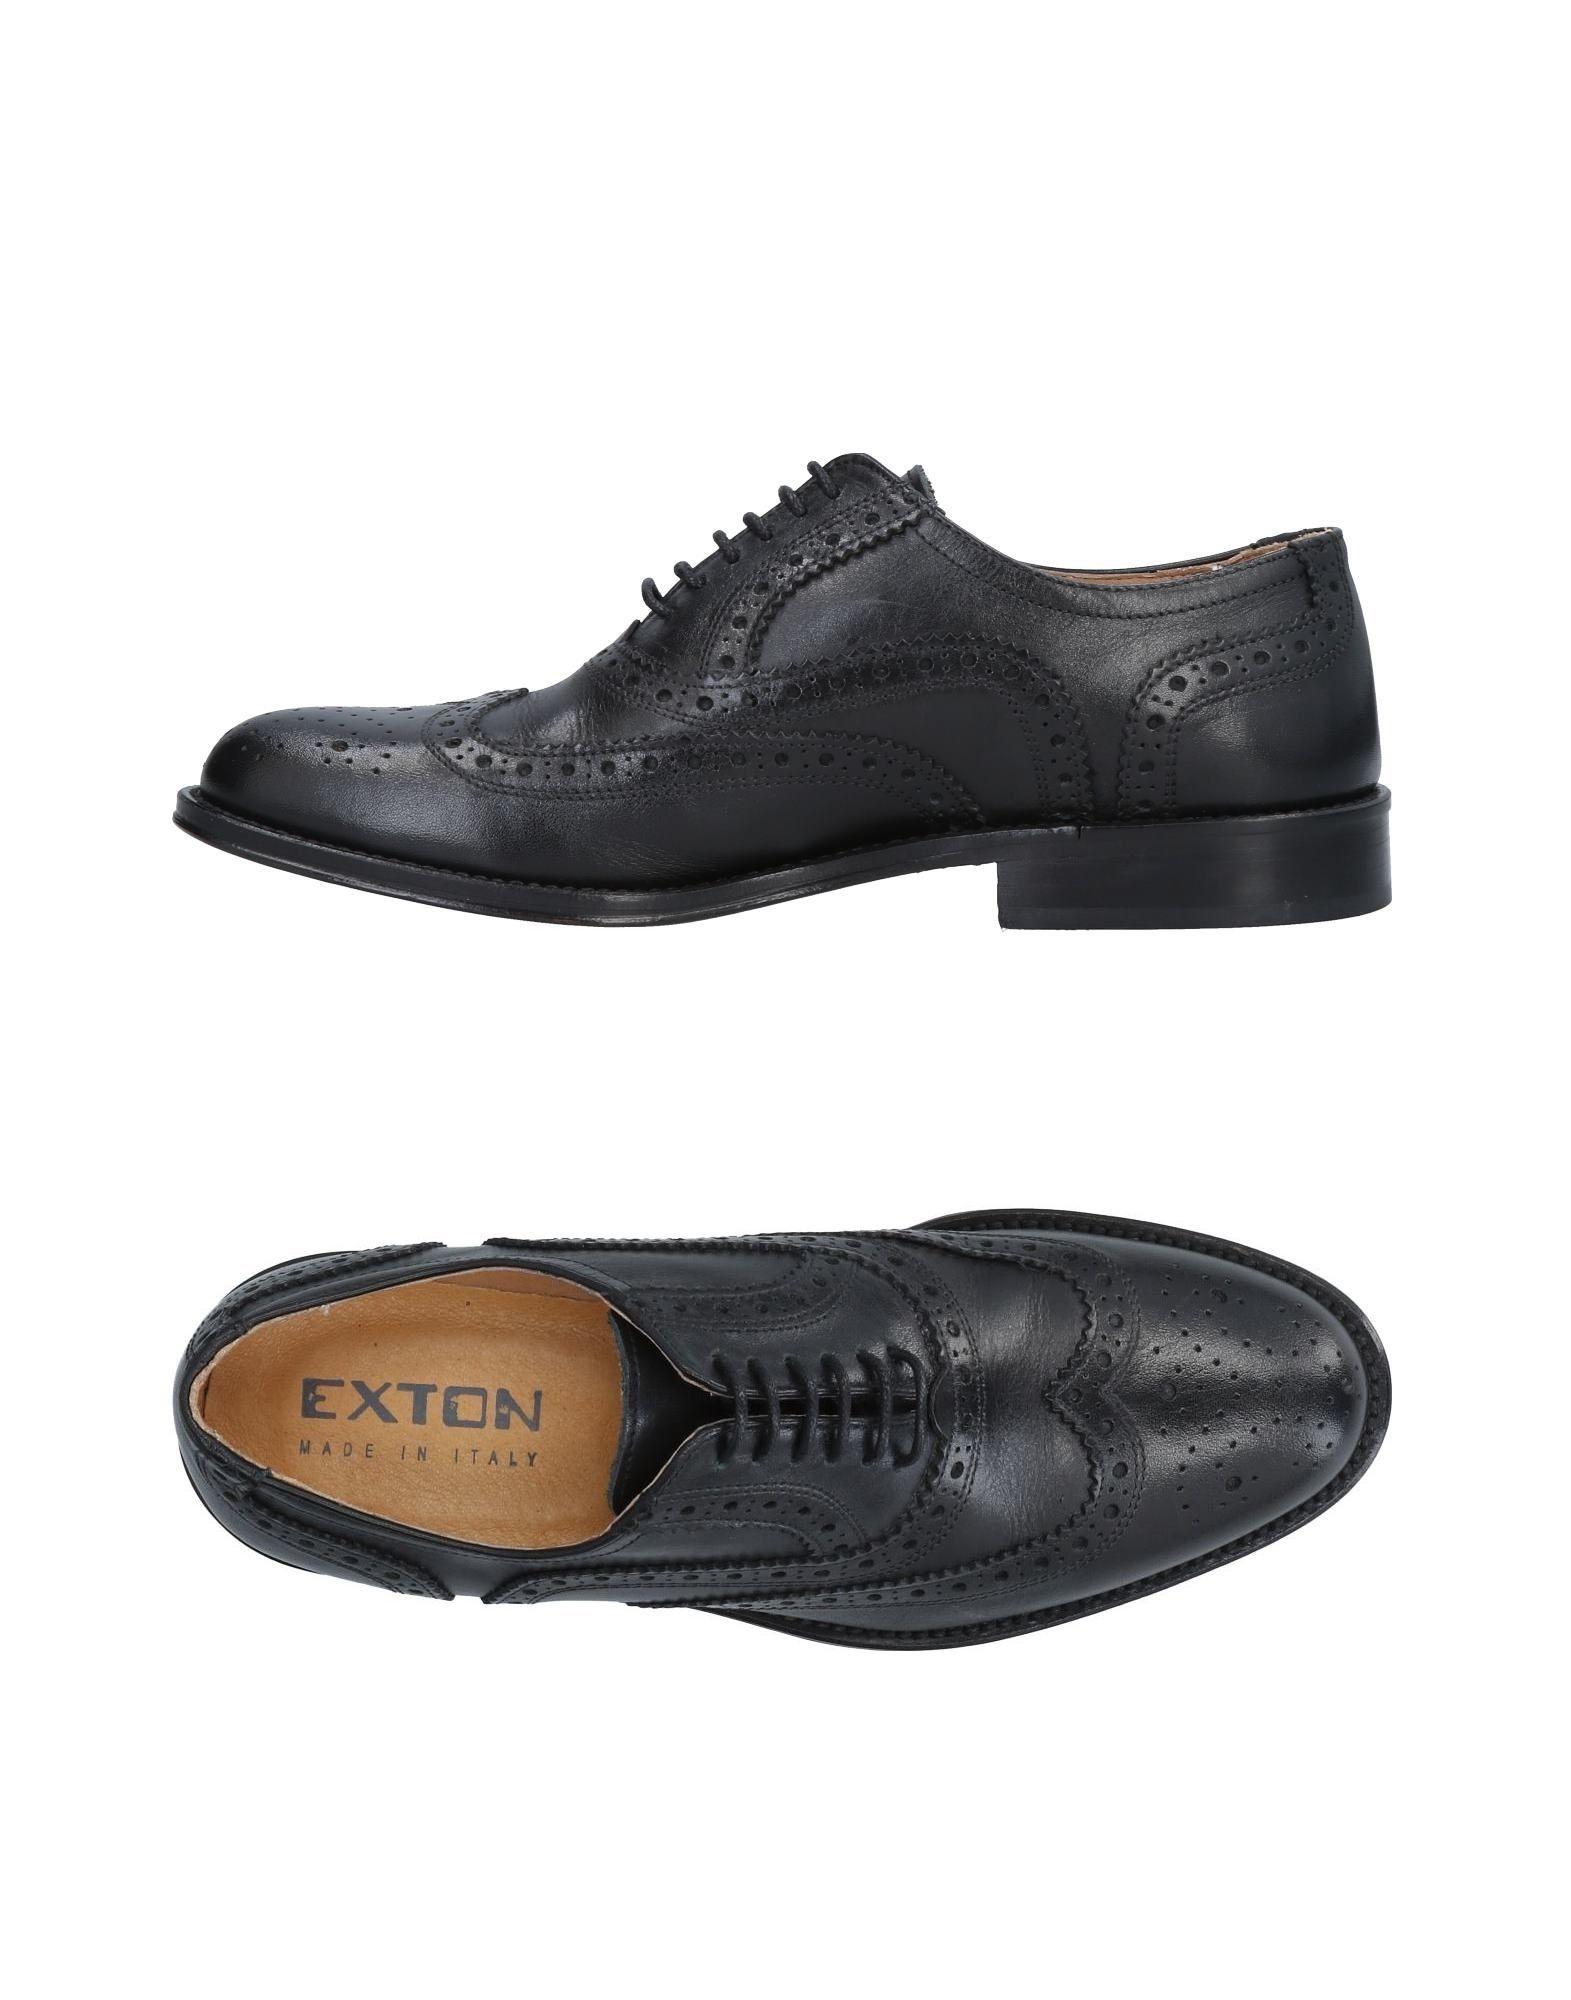 Stringate Exton Uomo - 11493113EE Scarpe economiche e buone